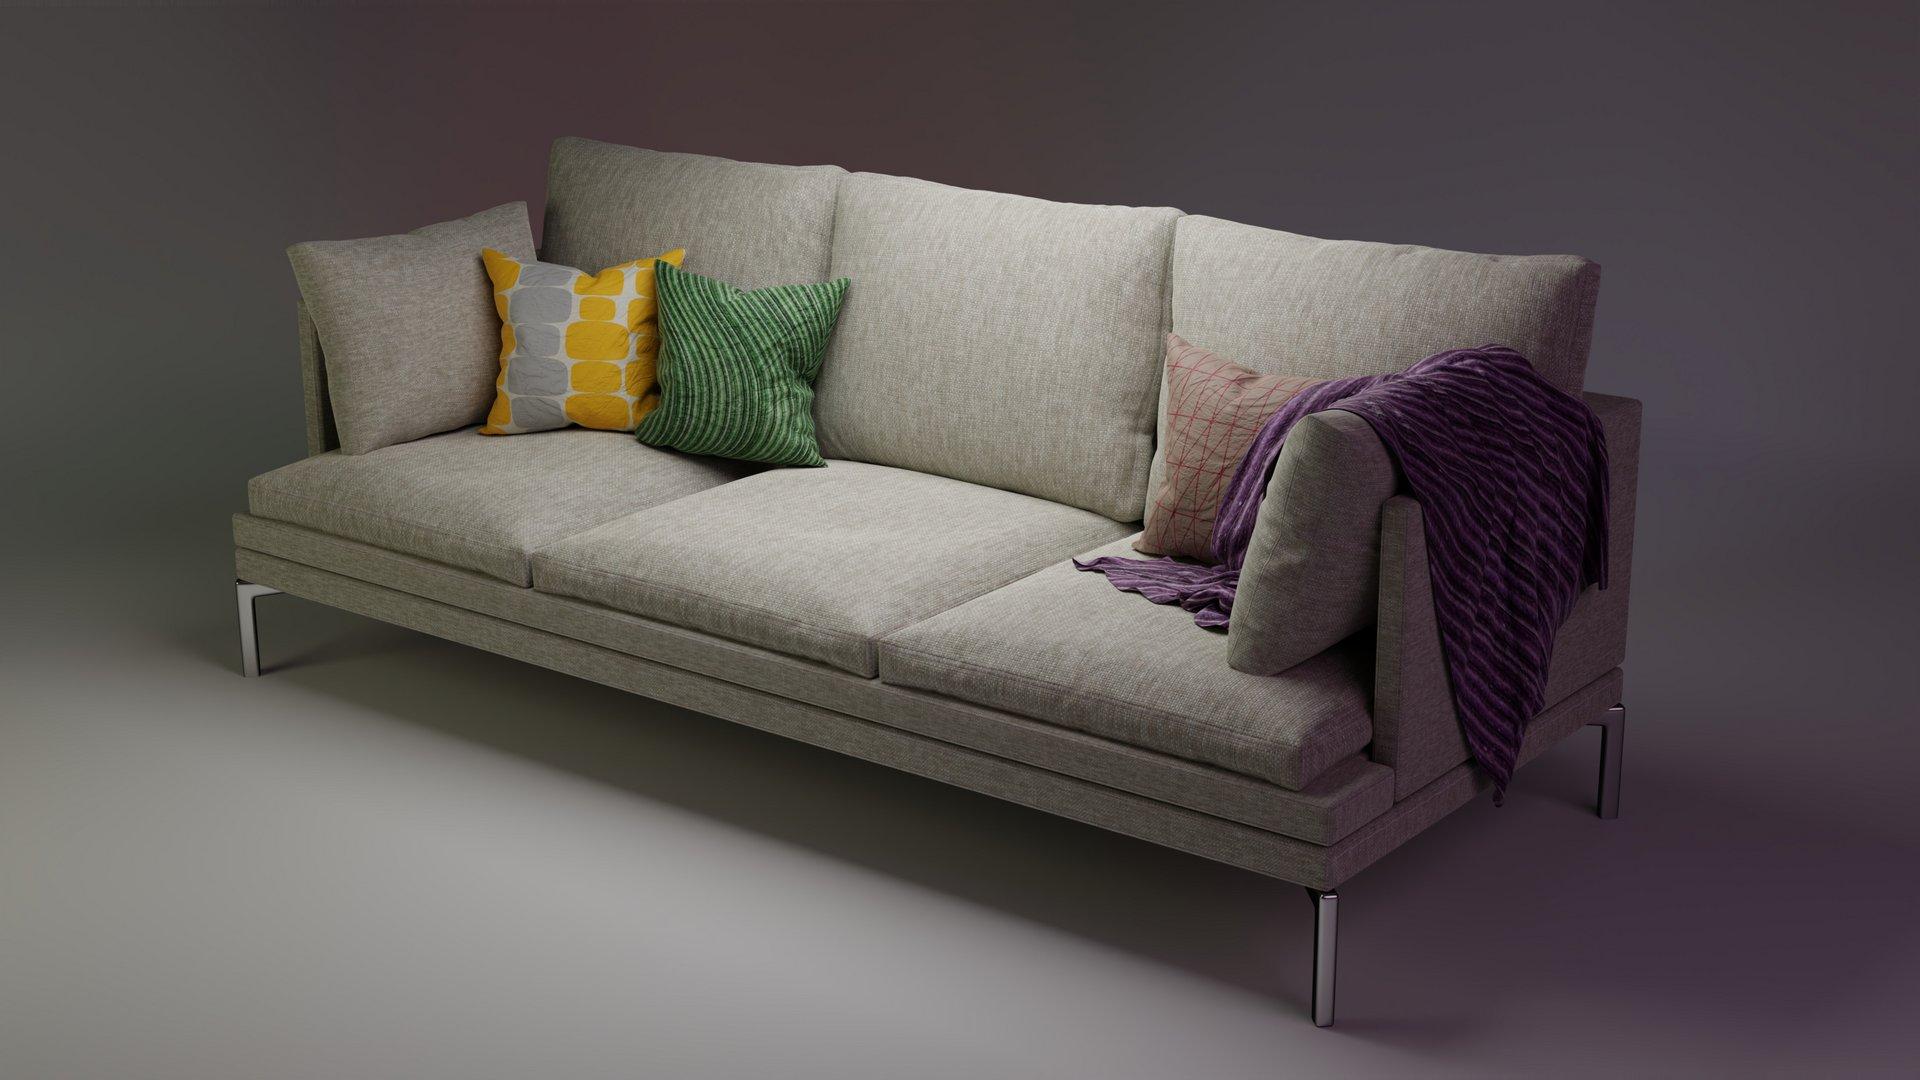 Blender Guru couch